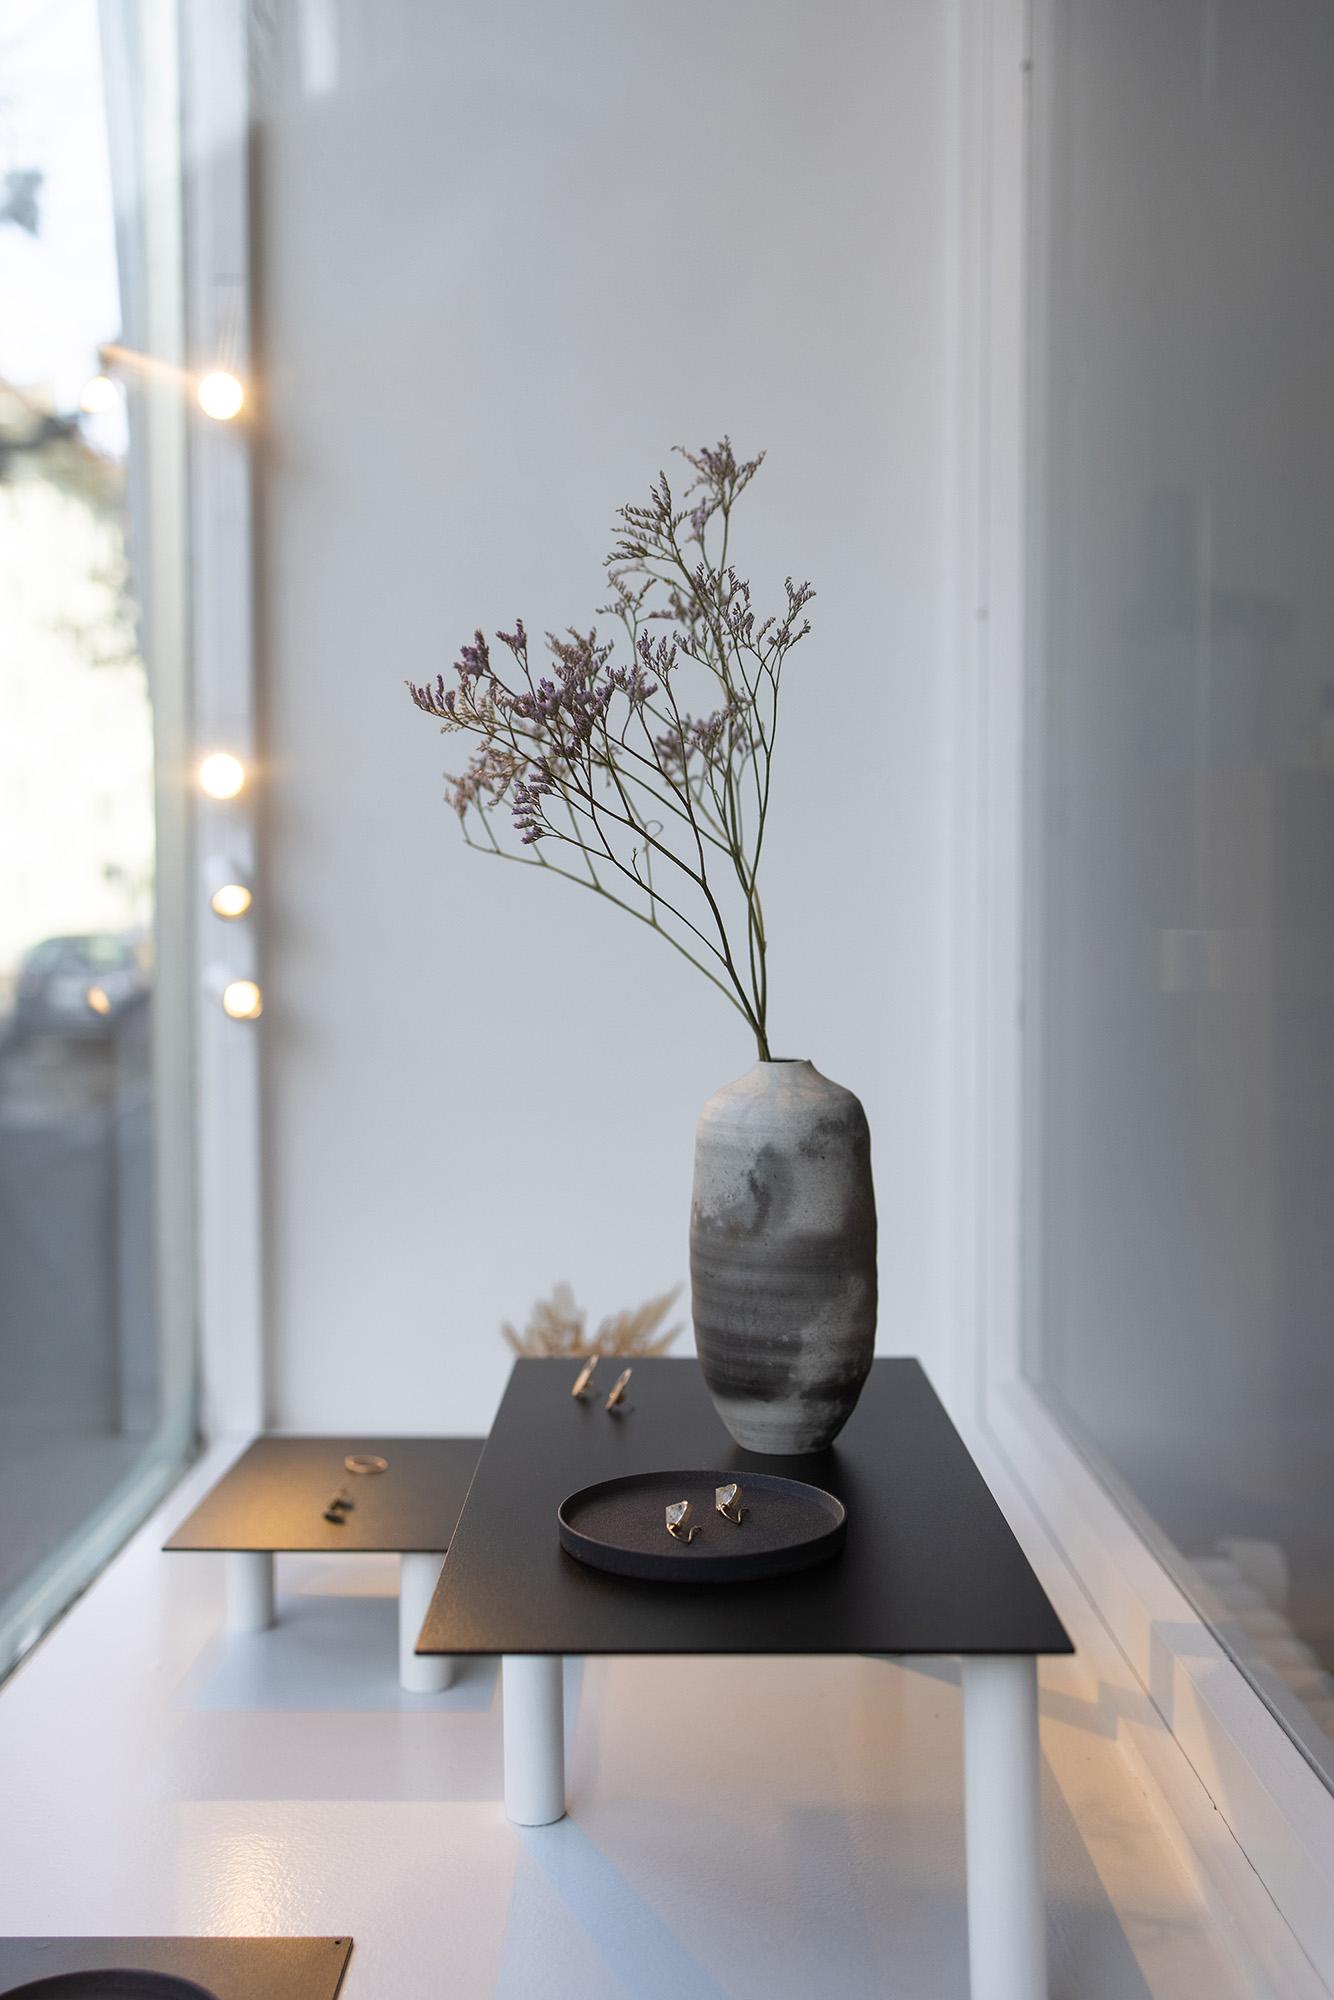 Foto der Schaufenstereinrichtung mit Schmuck und Blumenvasen.